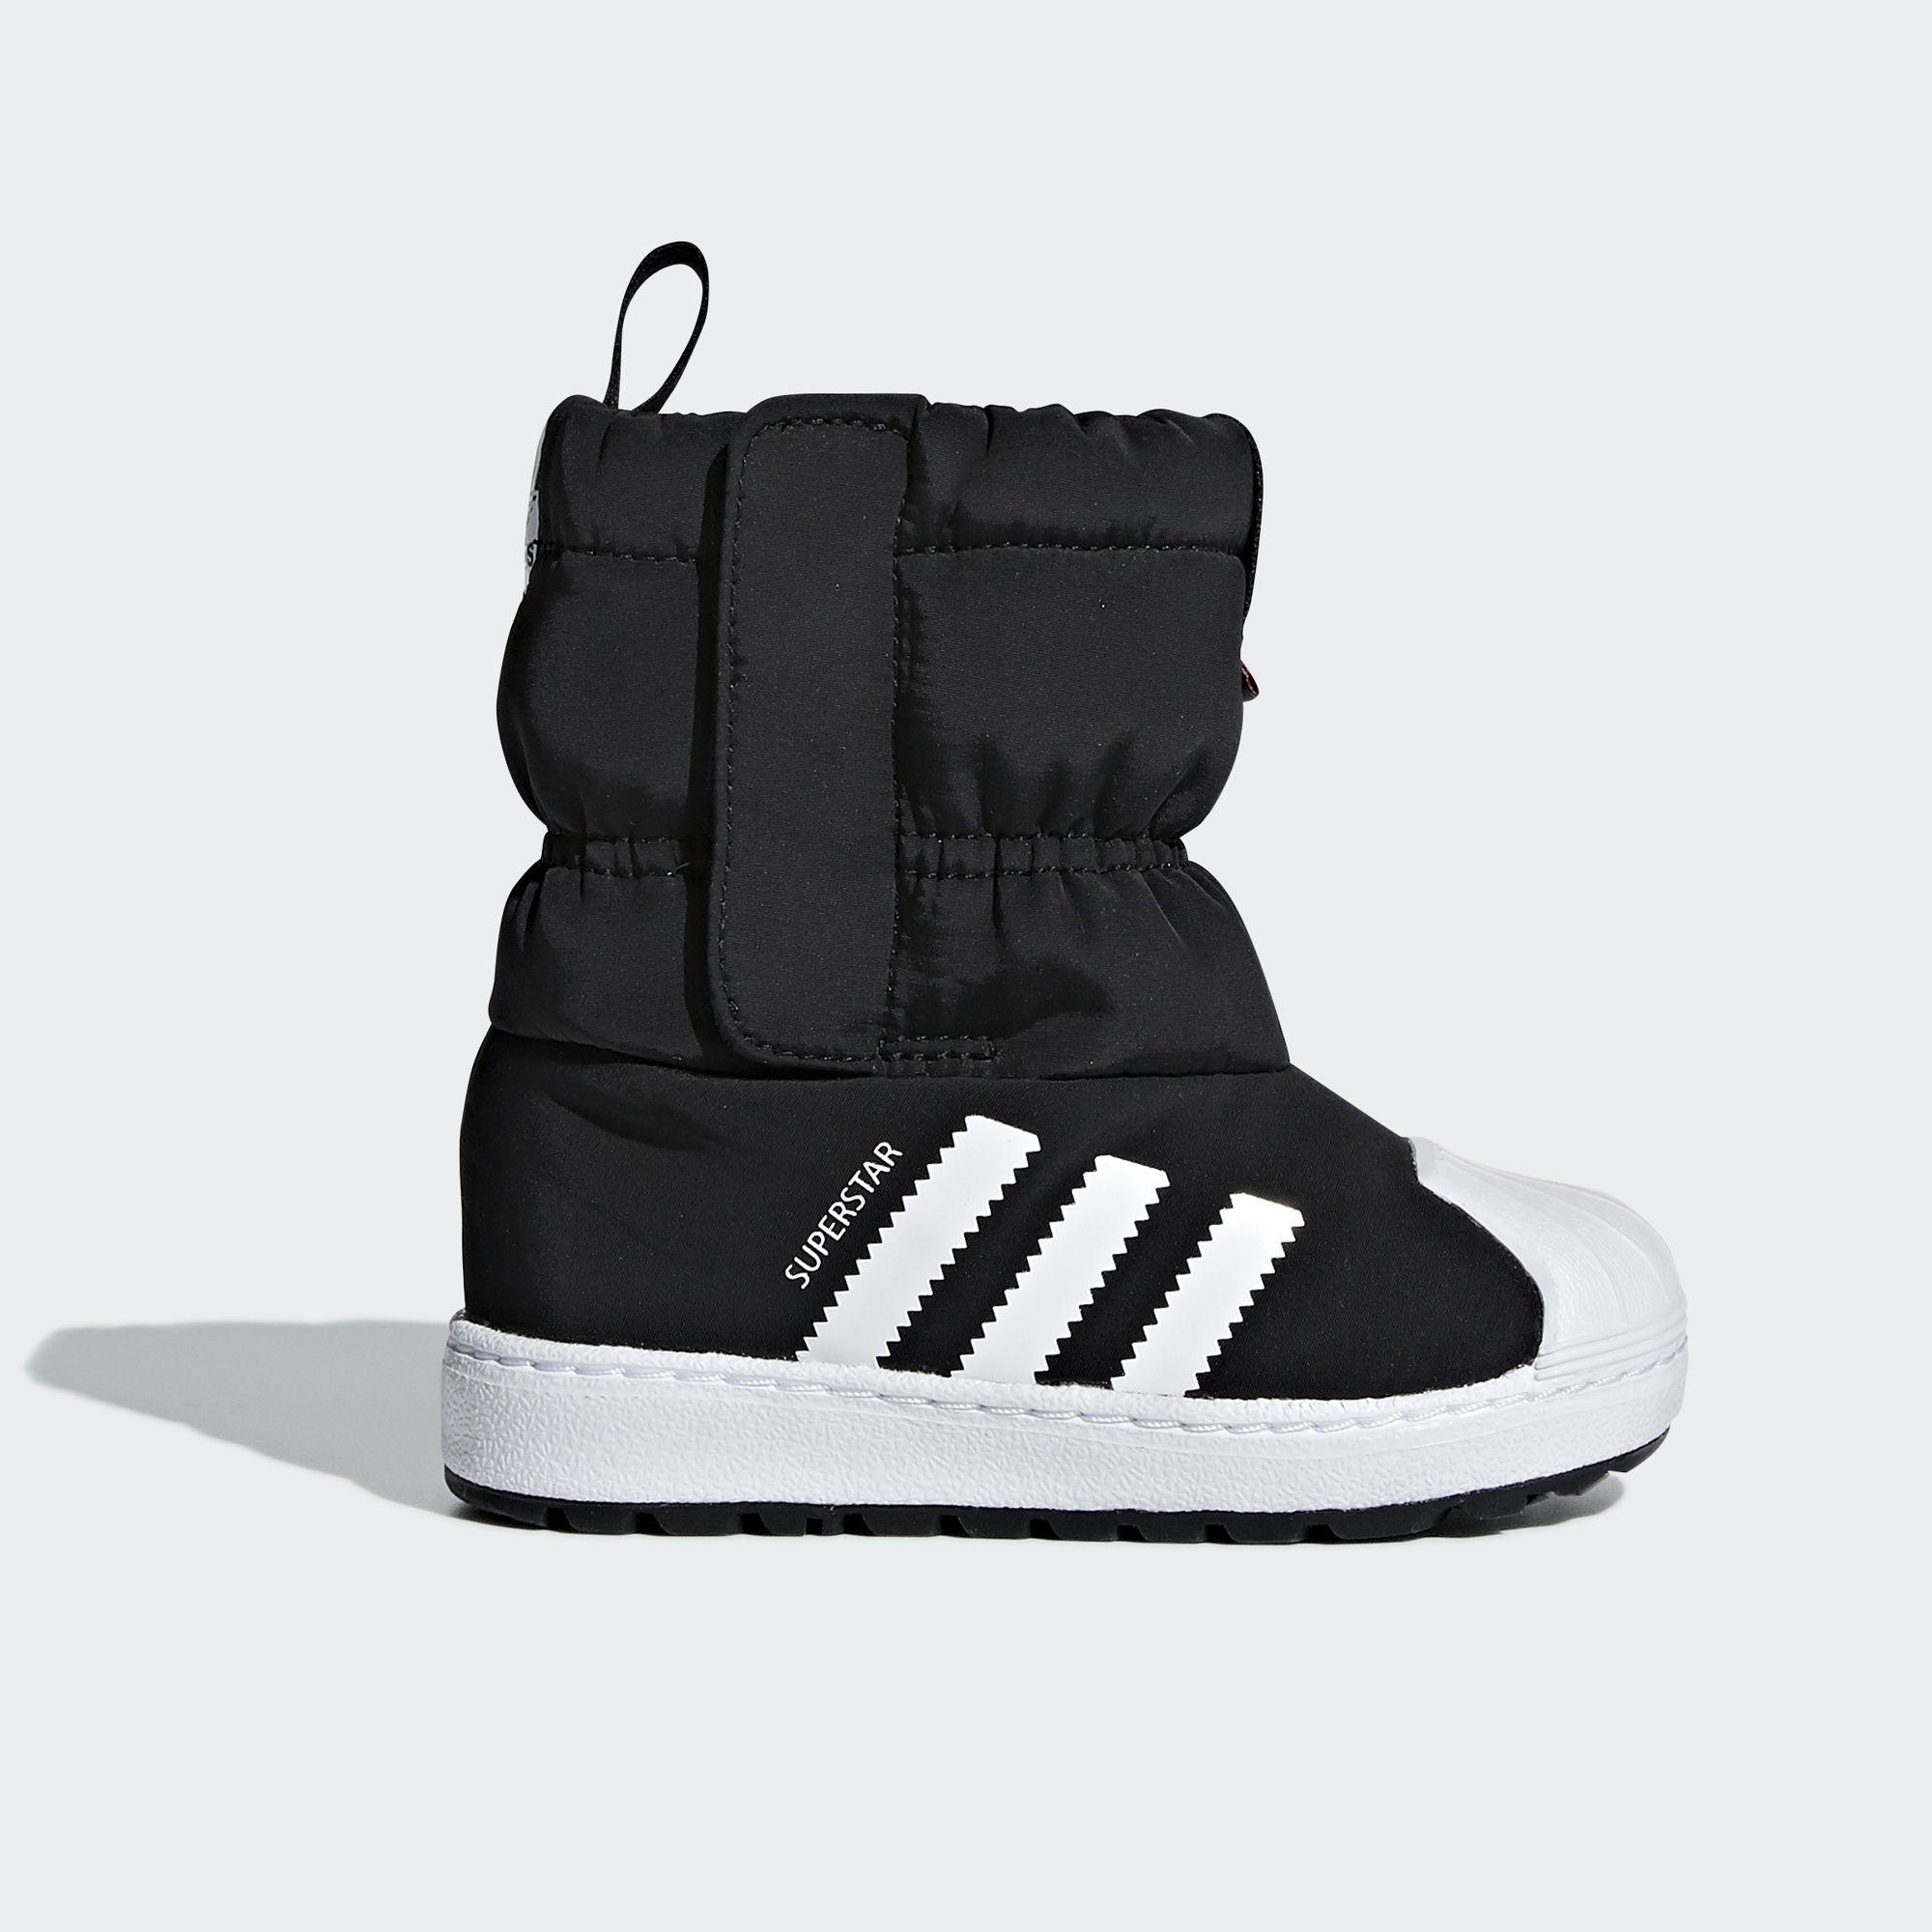 Зимние ботинки Superstar B22502 adidas Originals - Украина   ONETEAM.COM.UA 3b0ea47dd83